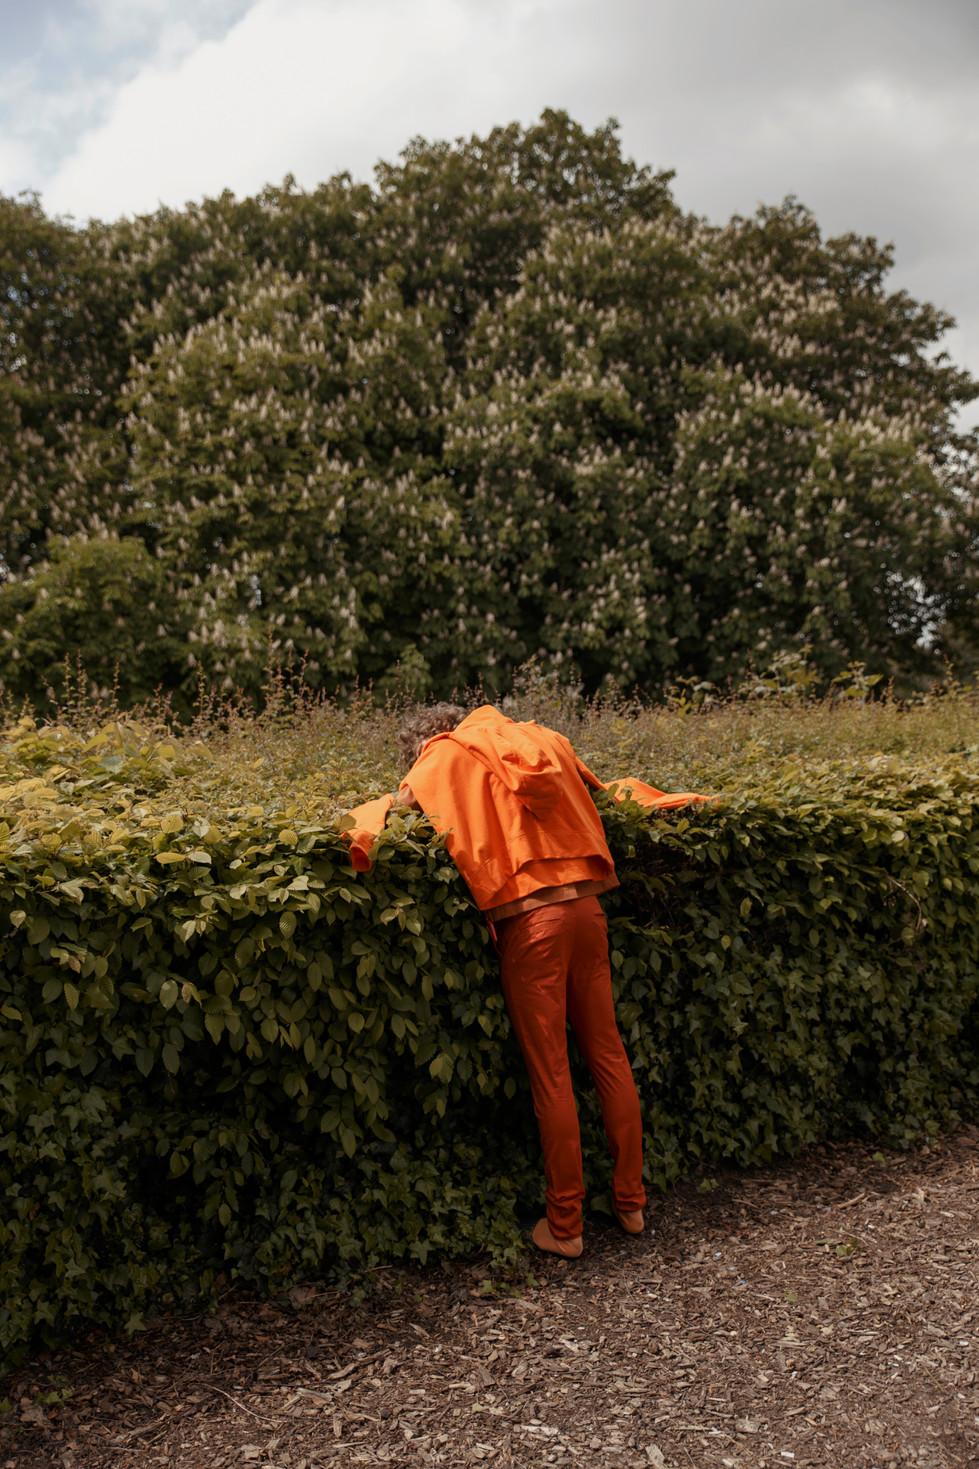 Umberto by Pawel Herman